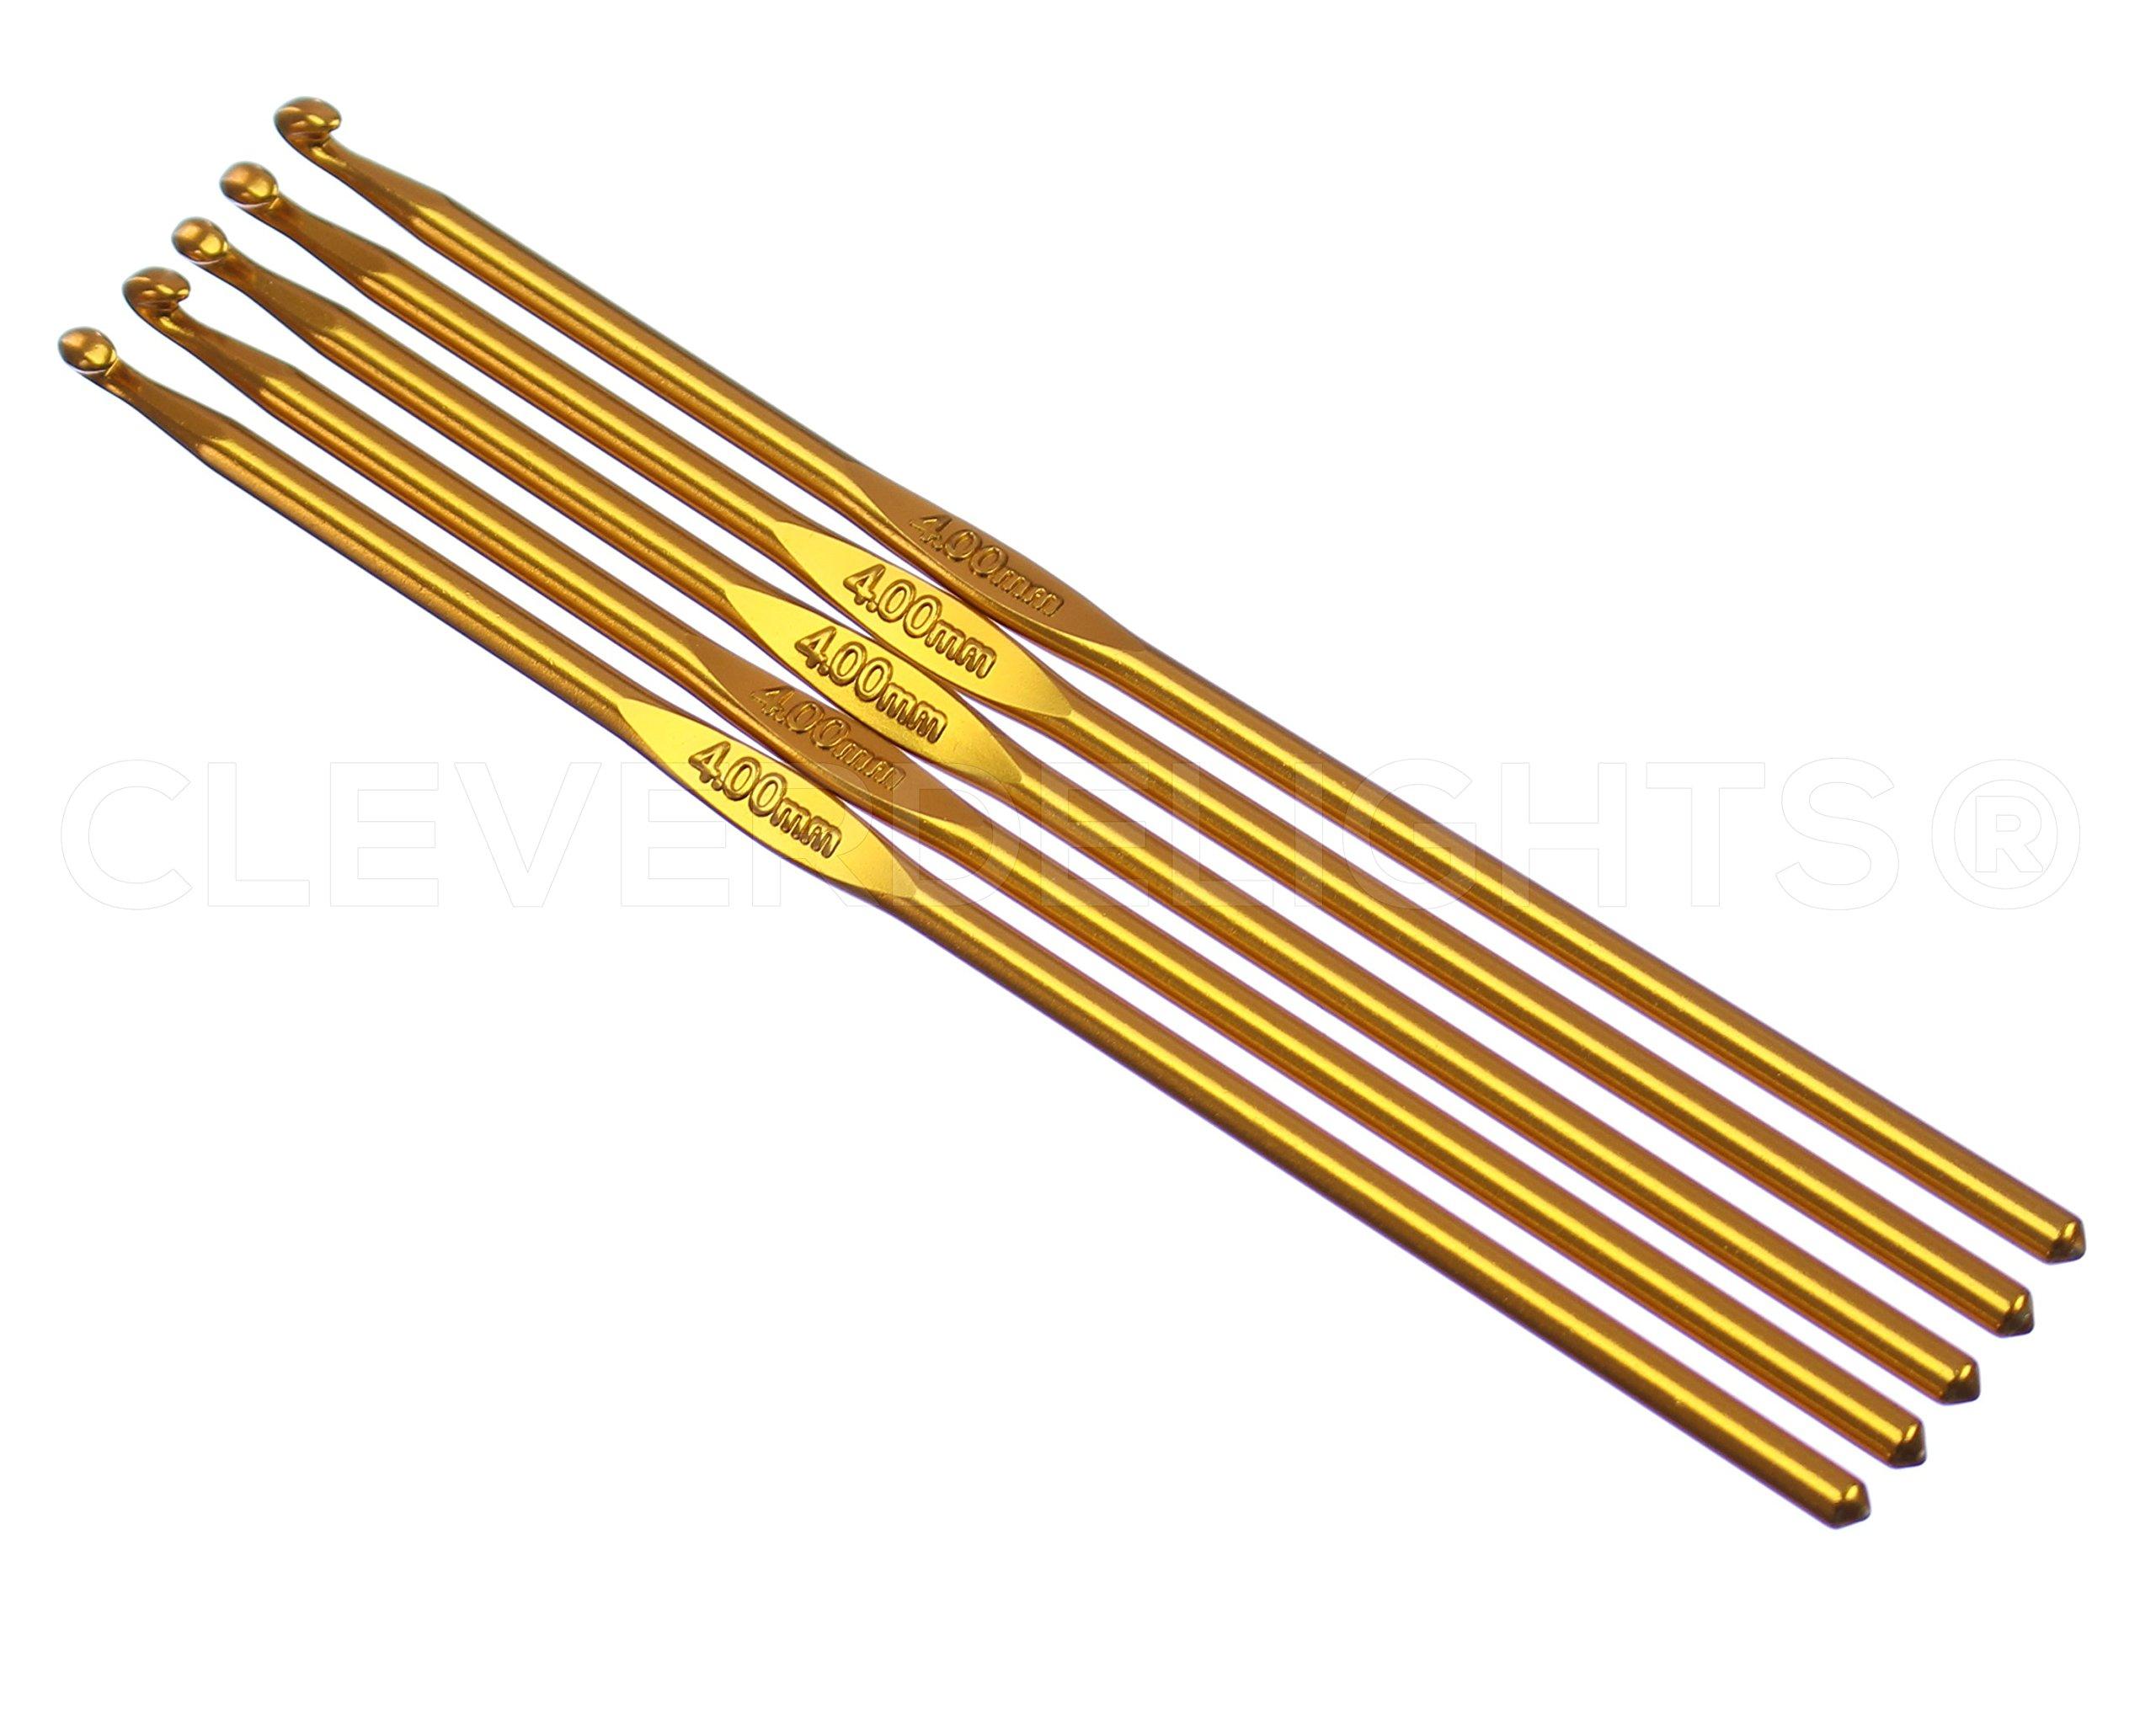 Cleverdelights - Paquete de 10 Agujas, diametro 4 mm